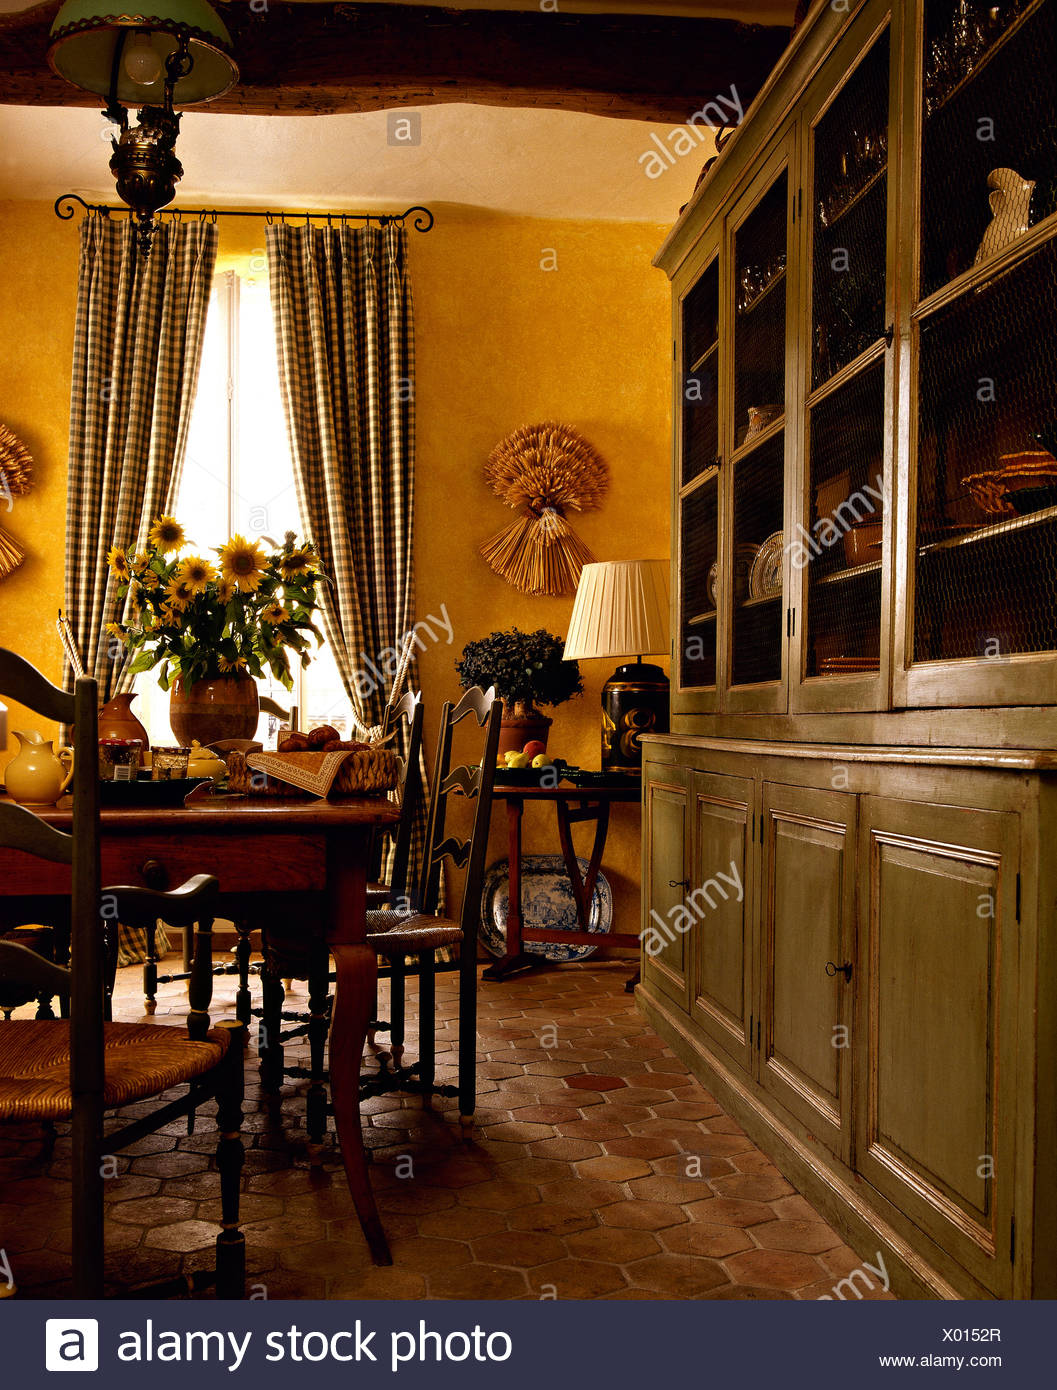 Grande commode vert gris peint en jaune français pays salle ...